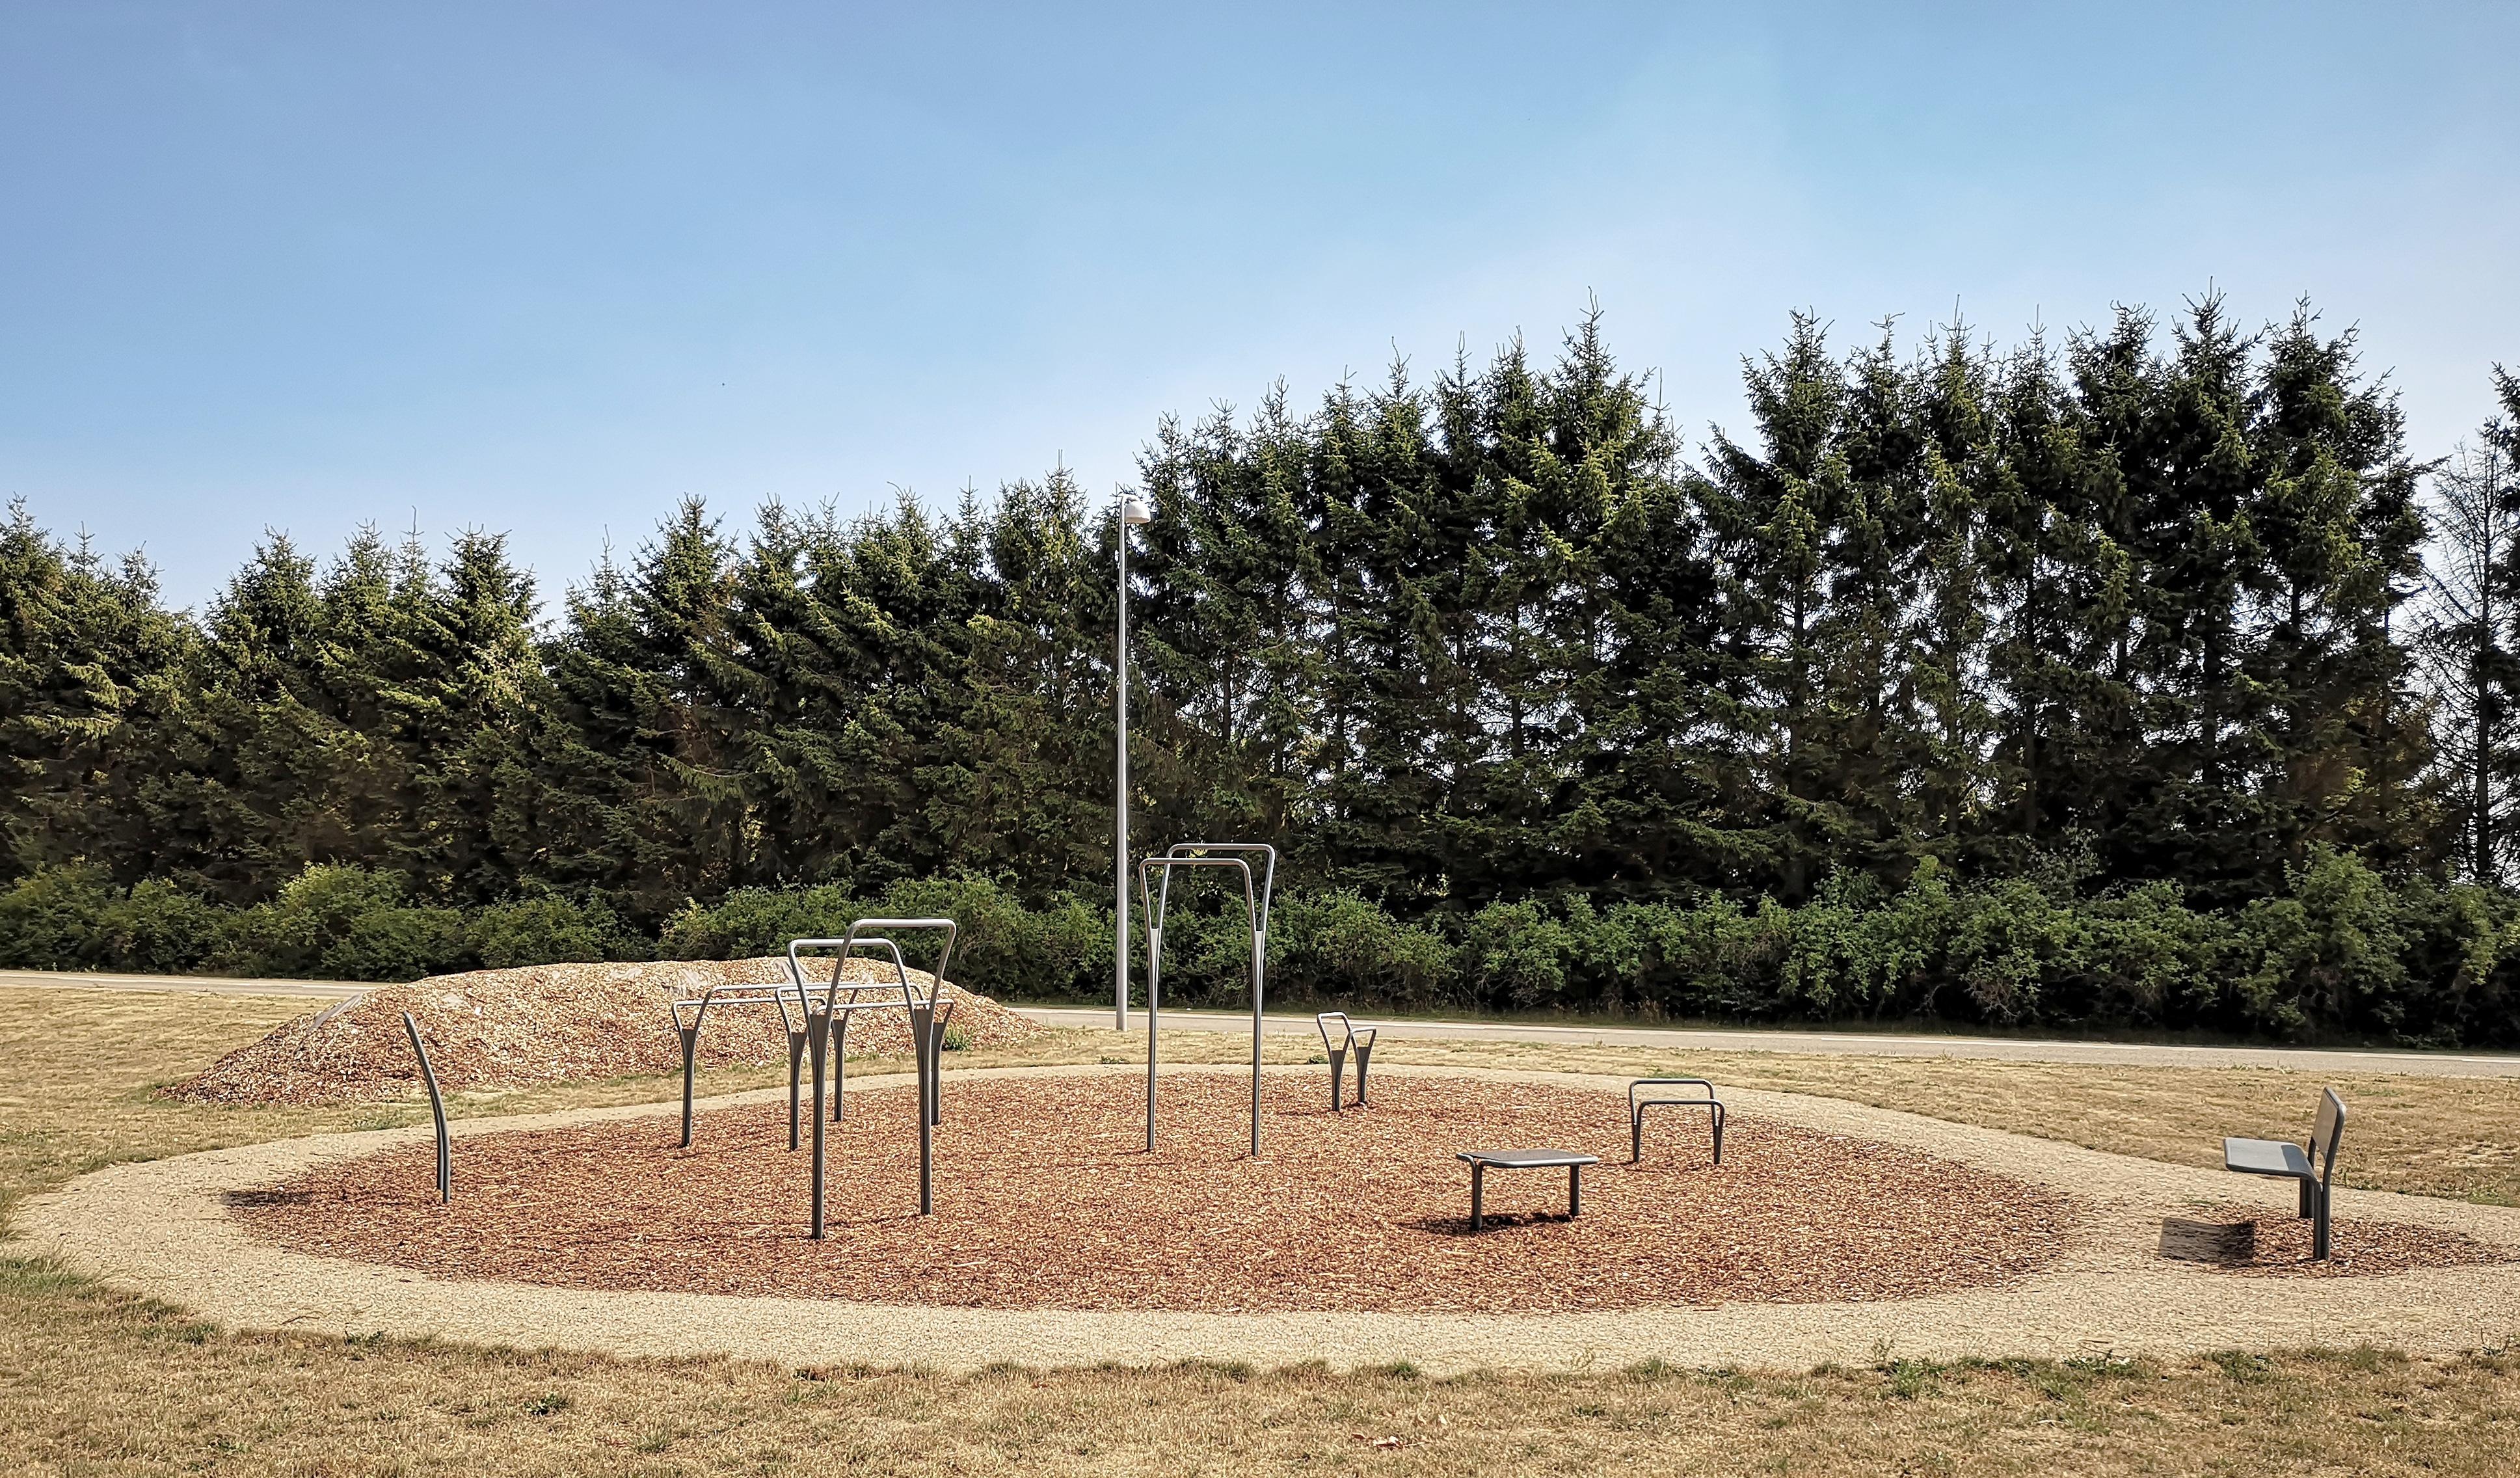 Træningsfaciliteter i Hårlev prisbevist træningspark til lokalsamfundet